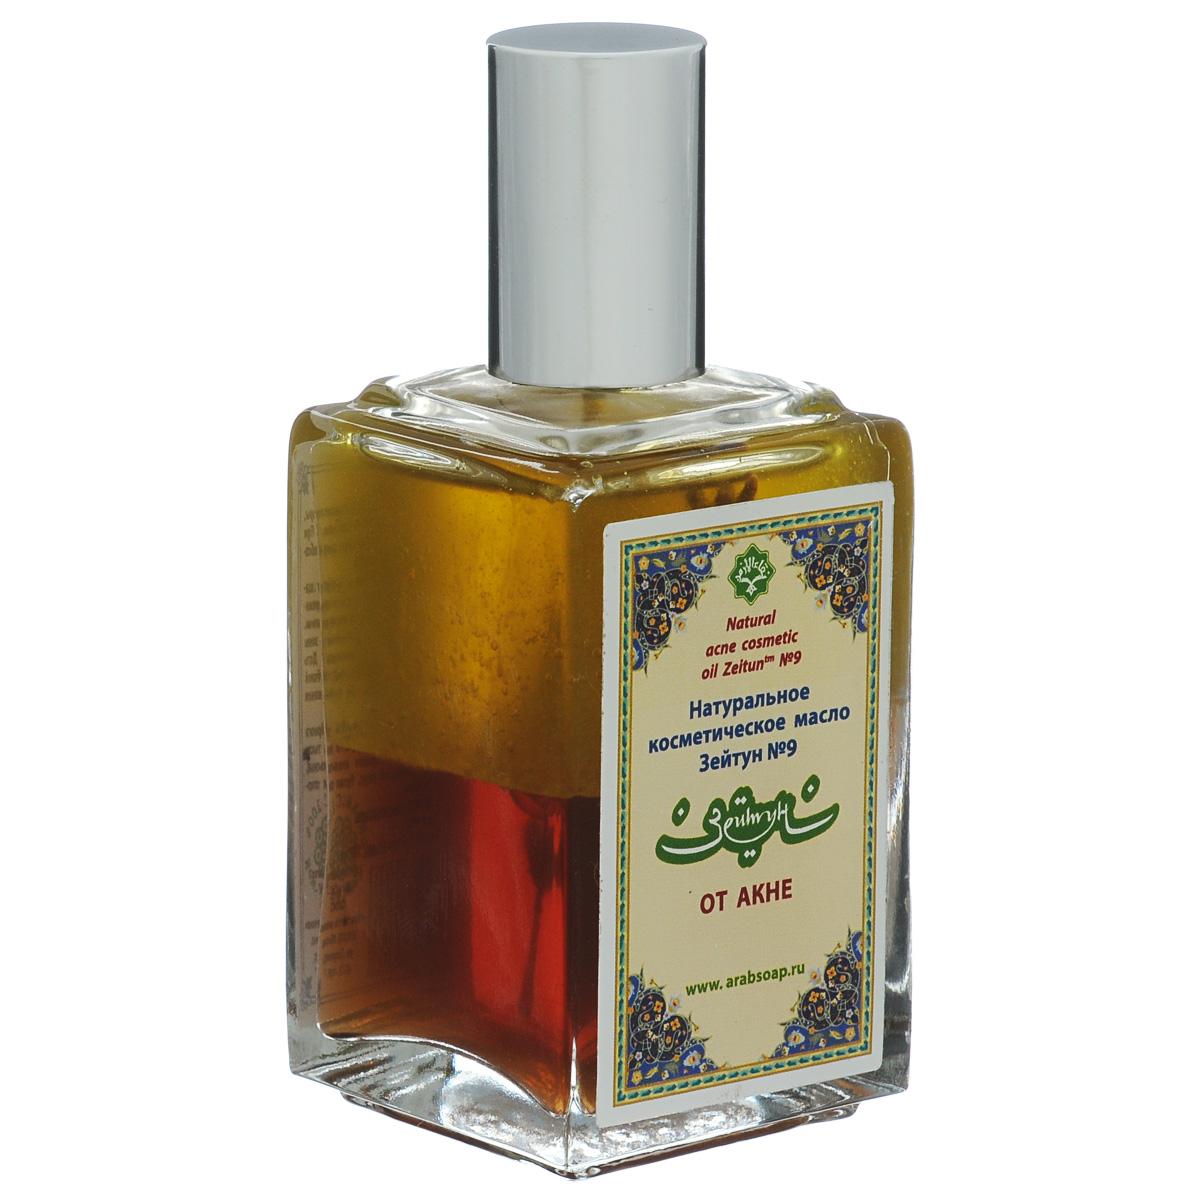 Зейтун Косметическое масло №9 от акне, 100 млFS-00897Устраняет воспаление, мягко очищает поры, предотвращает появление постакне. Увлажняет и оздоравливает кожу, регулируя баланс выработки себума.